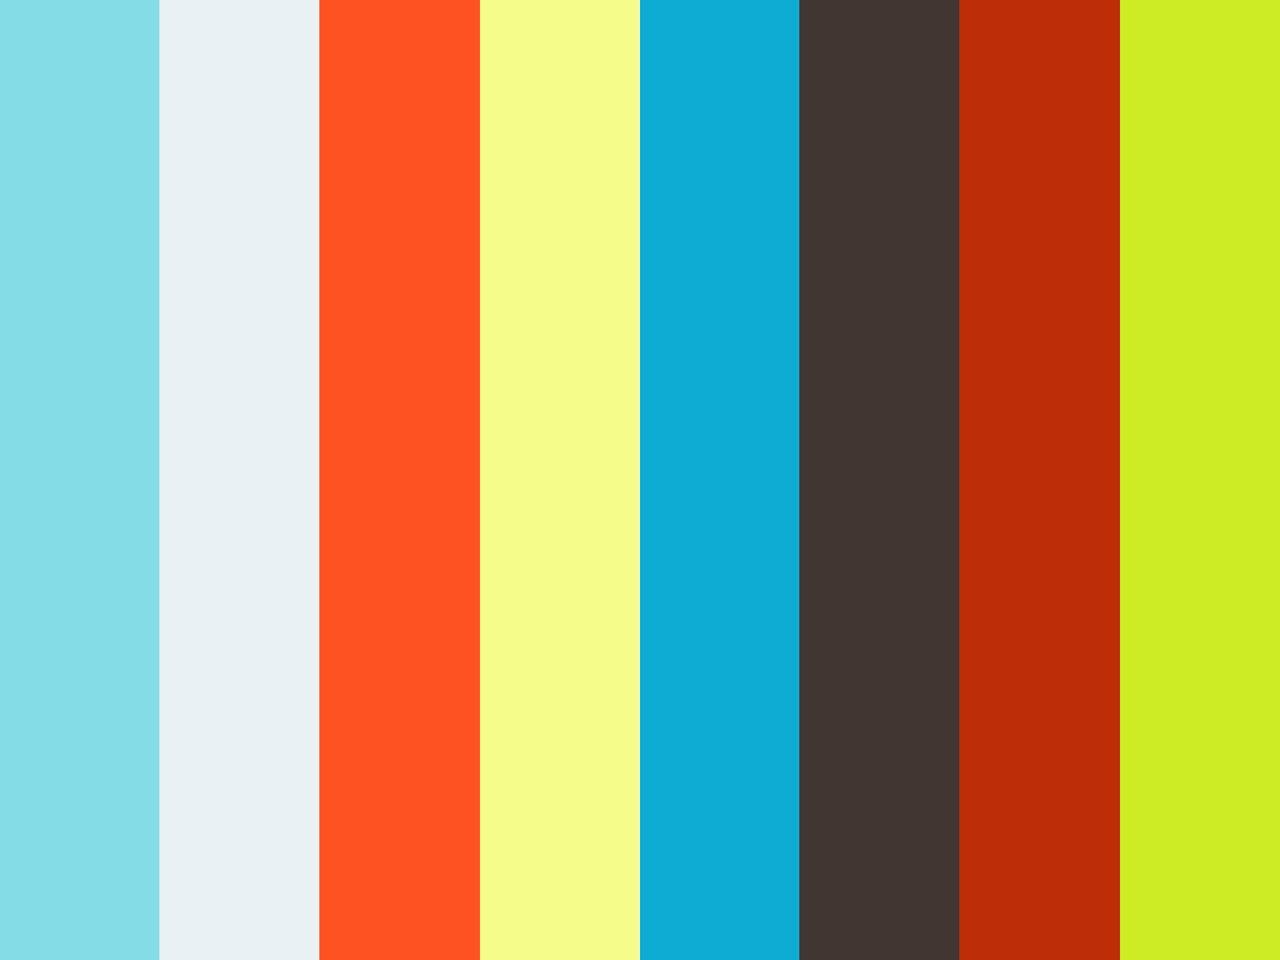 e3 systems corporate video production by Brown&Blonde, in / producción  de vídeo corporativo en, palma de mallorca 2015